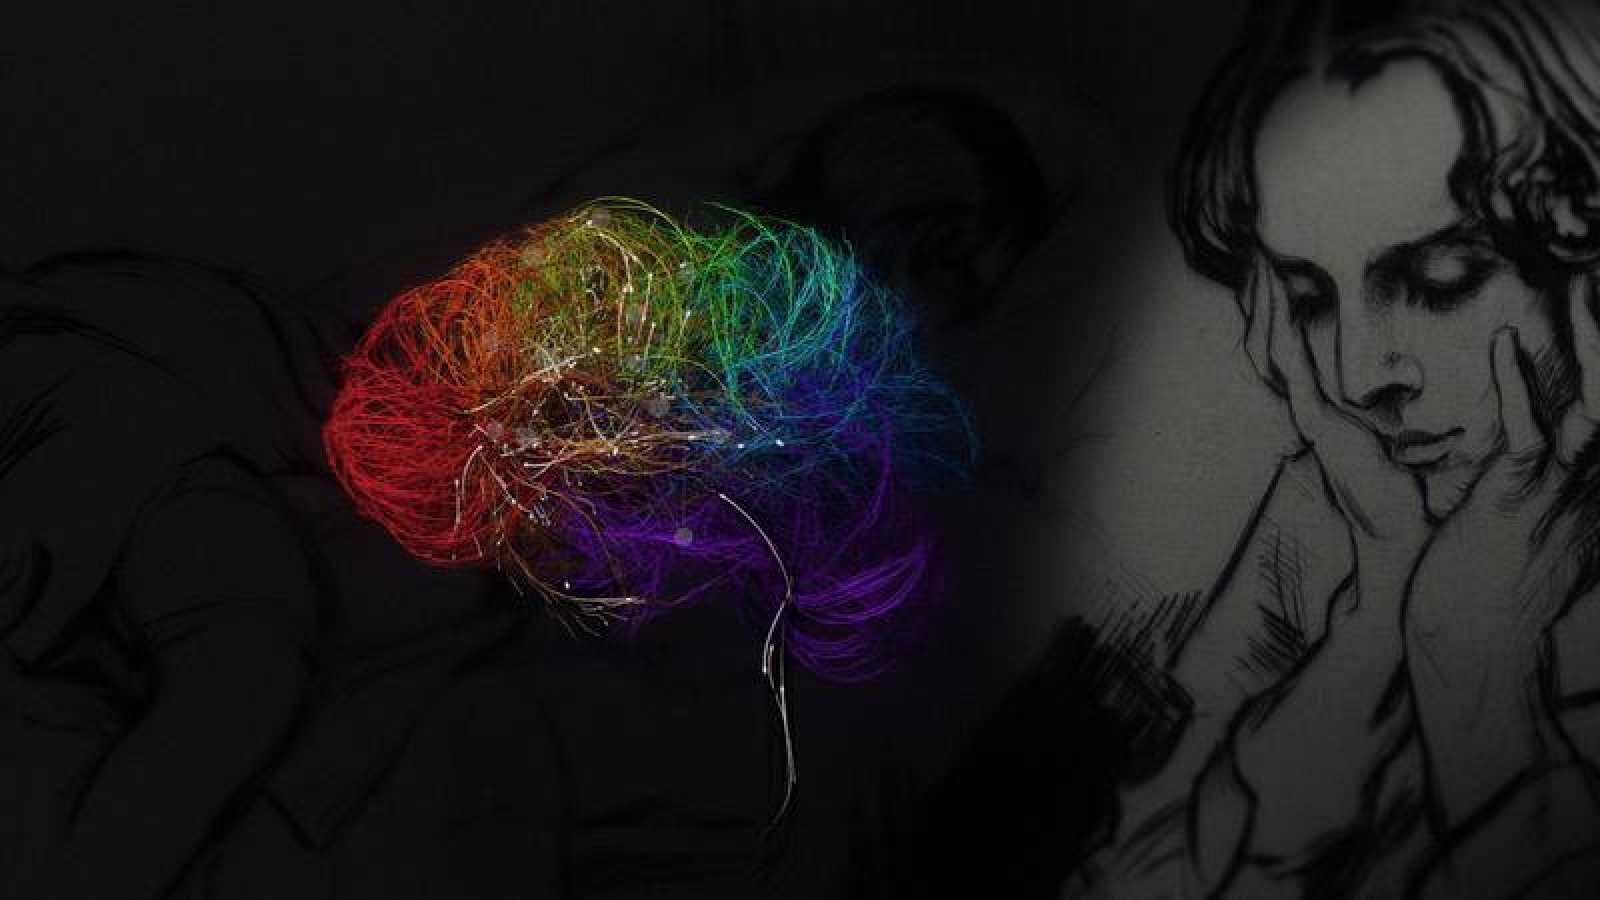 'La noche temática'  dedicada a la depresión